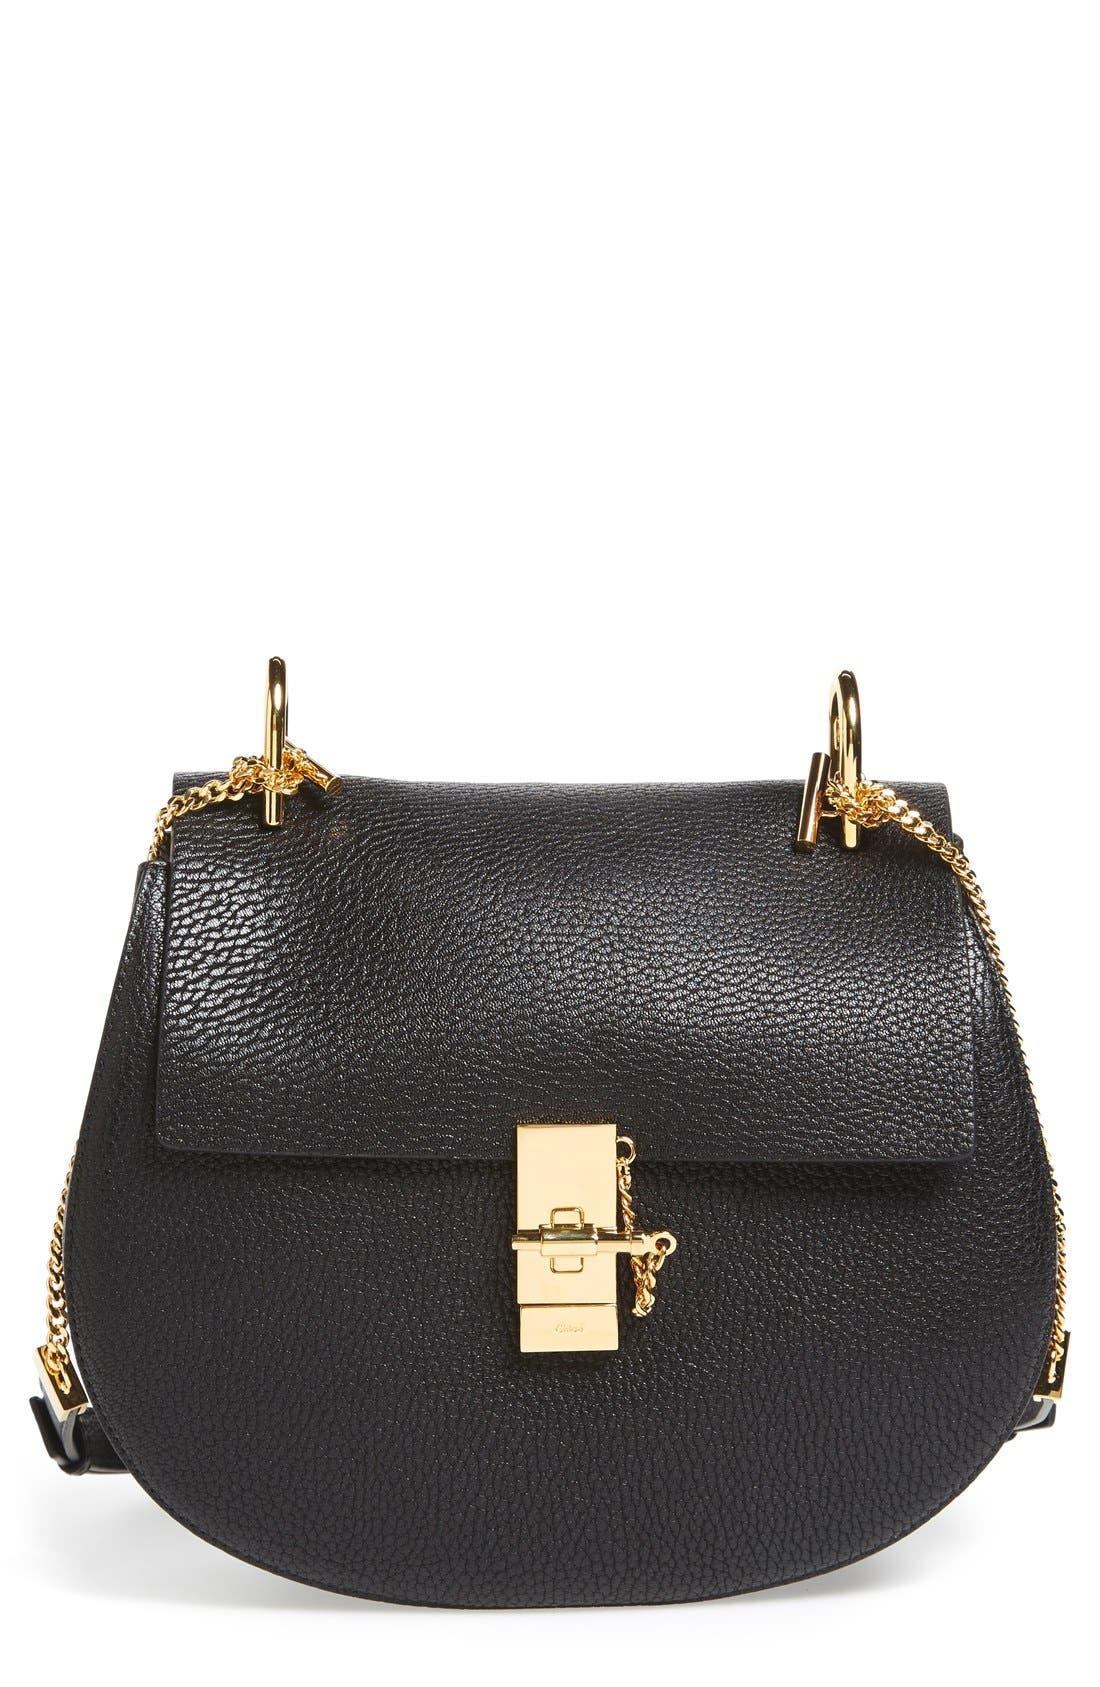 Alternate Image 1 Selected - Chloé 'Drew' Lambskin Leather Shoulder Bag